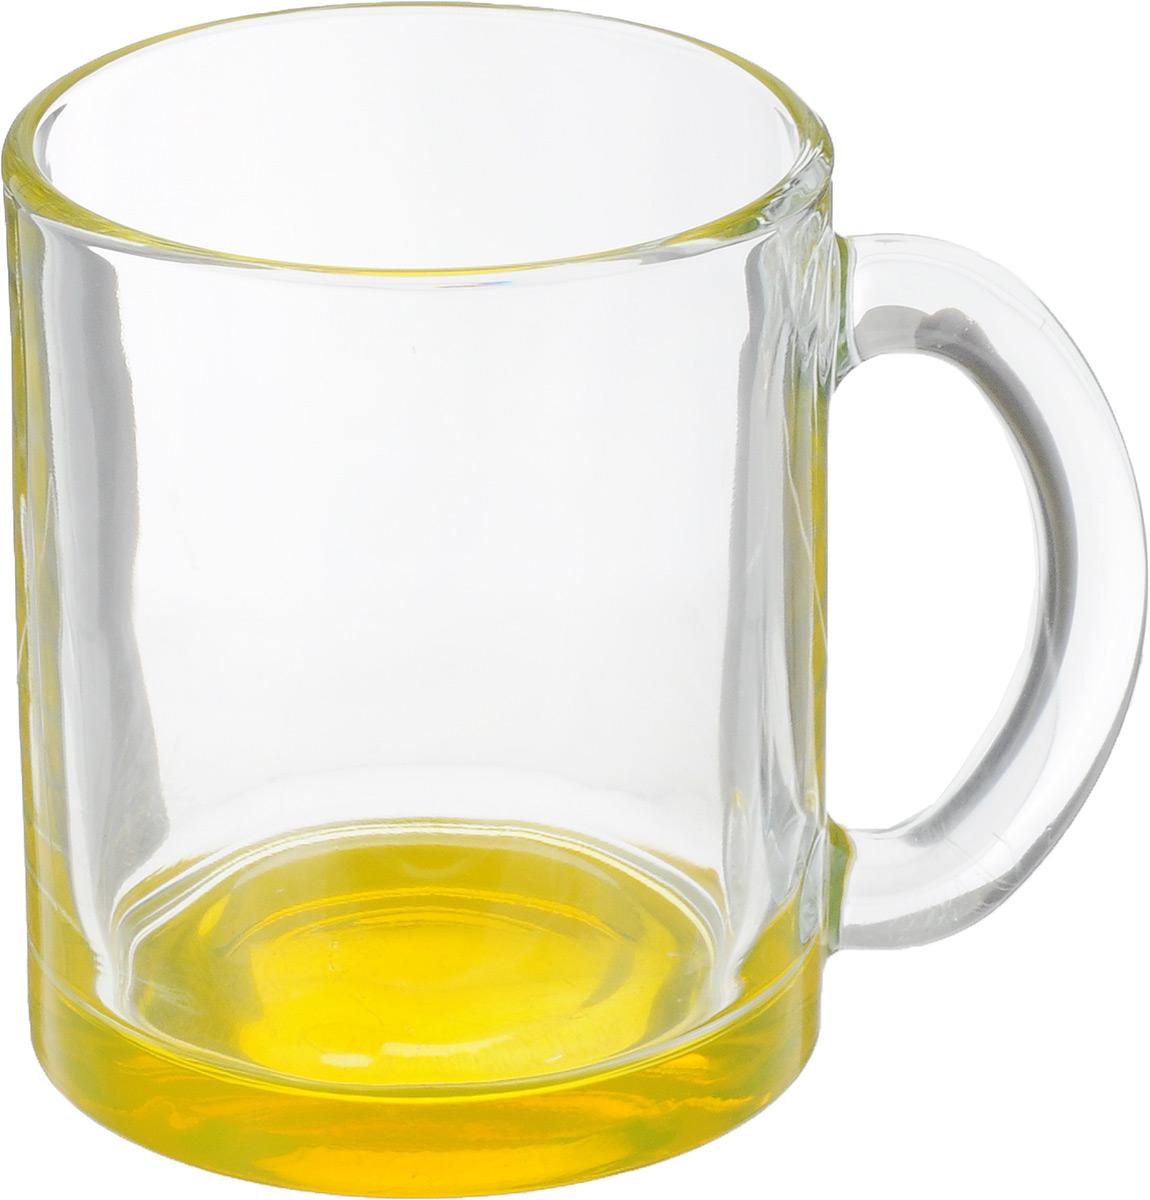 Кружка OSZ Чайная, цвет: прозрачный, желтый, 320 мл04C1208LM_желтыйКружка OSZ Чайная изготовлена из стекла двух цветов. Изделие идеально подходит для сервировки стола. Кружка не только украсит ваш кухонный стол, но подчеркнет прекрасный вкус хозяйки. Диаметр кружки (по верхнему краю): 8 см. Высота кружки: 9,5 см. Объем кружки: 320 мл.